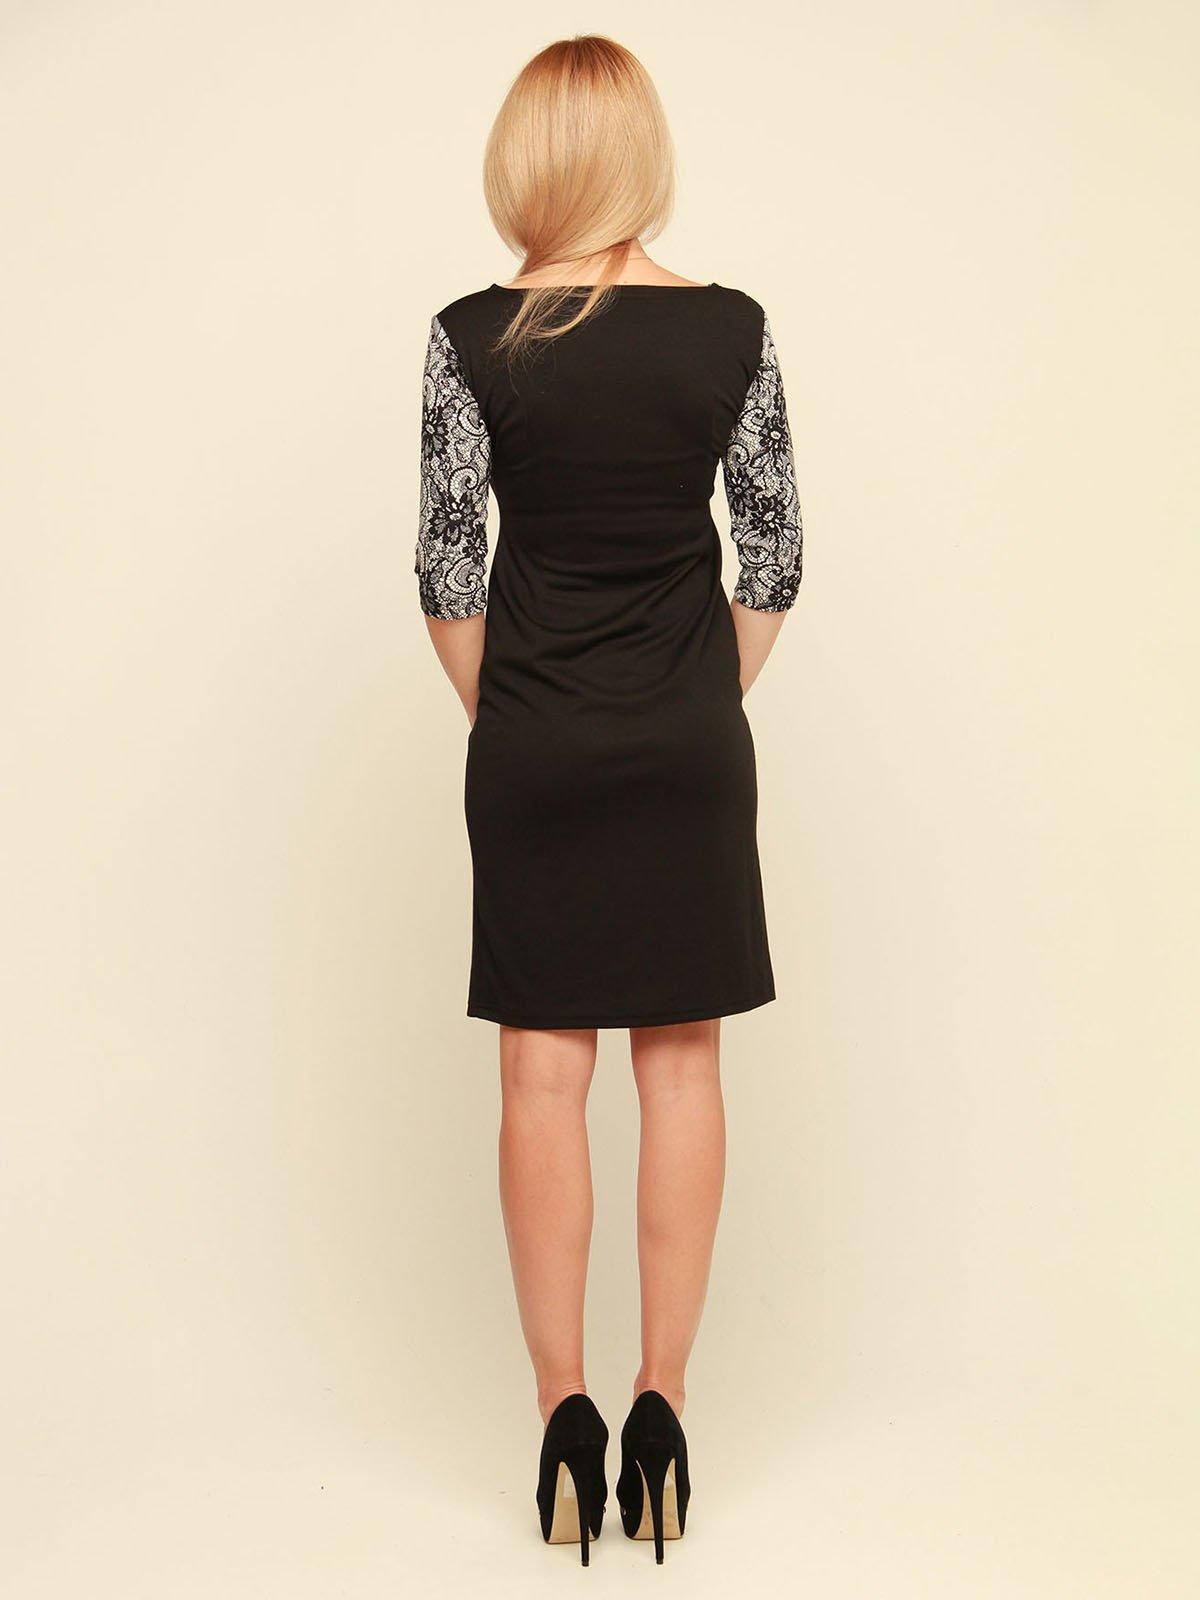 Сукня чорна з принтом | 3710839 | фото 3